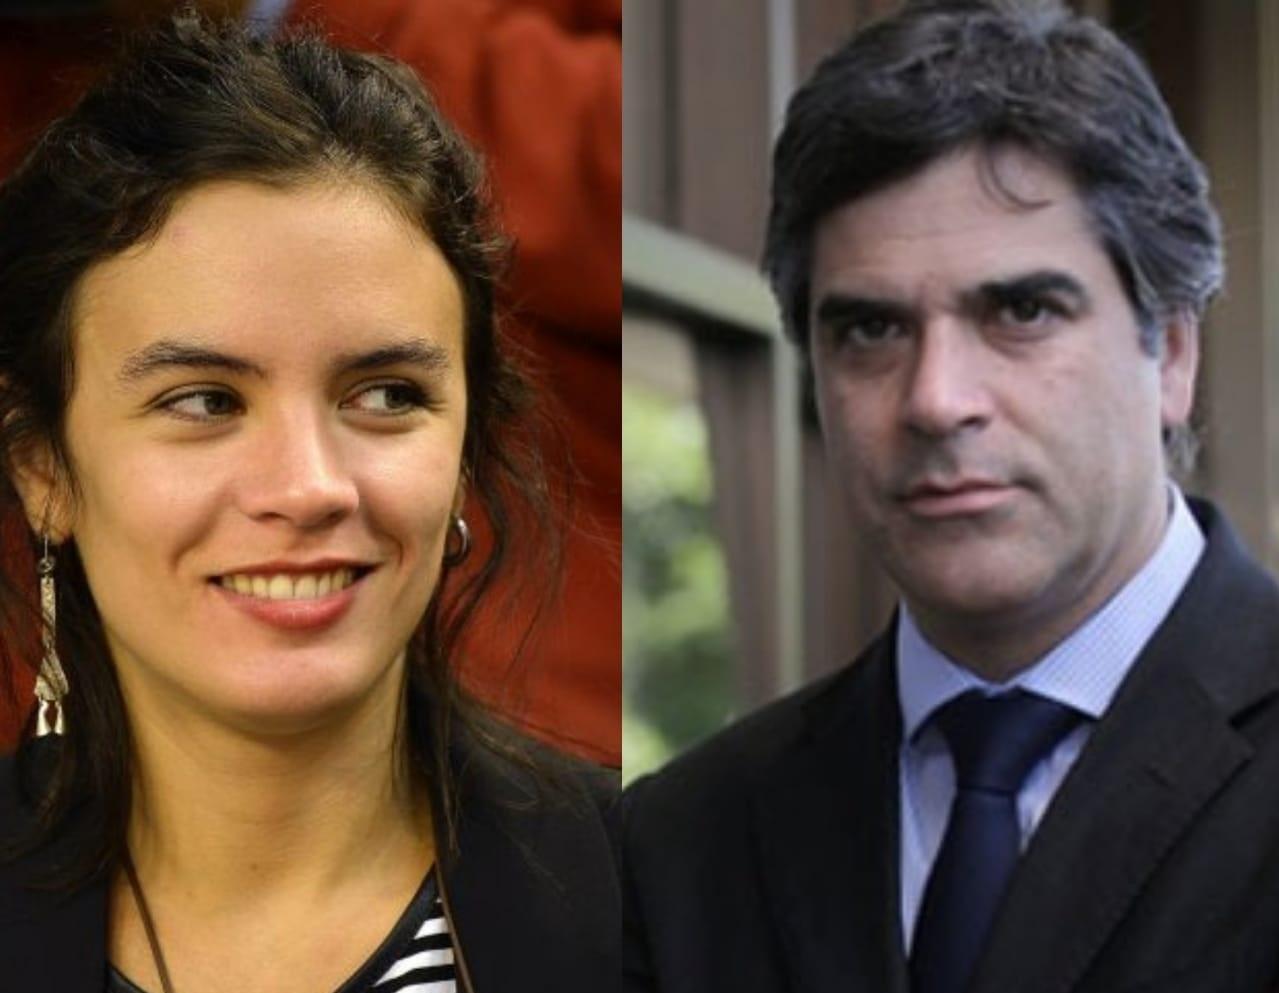 Panel: los diputados Camila Vallejo y Gonzalo Fuenzalida debaten por el proyecto de tercer retiro del 10% de las AFP